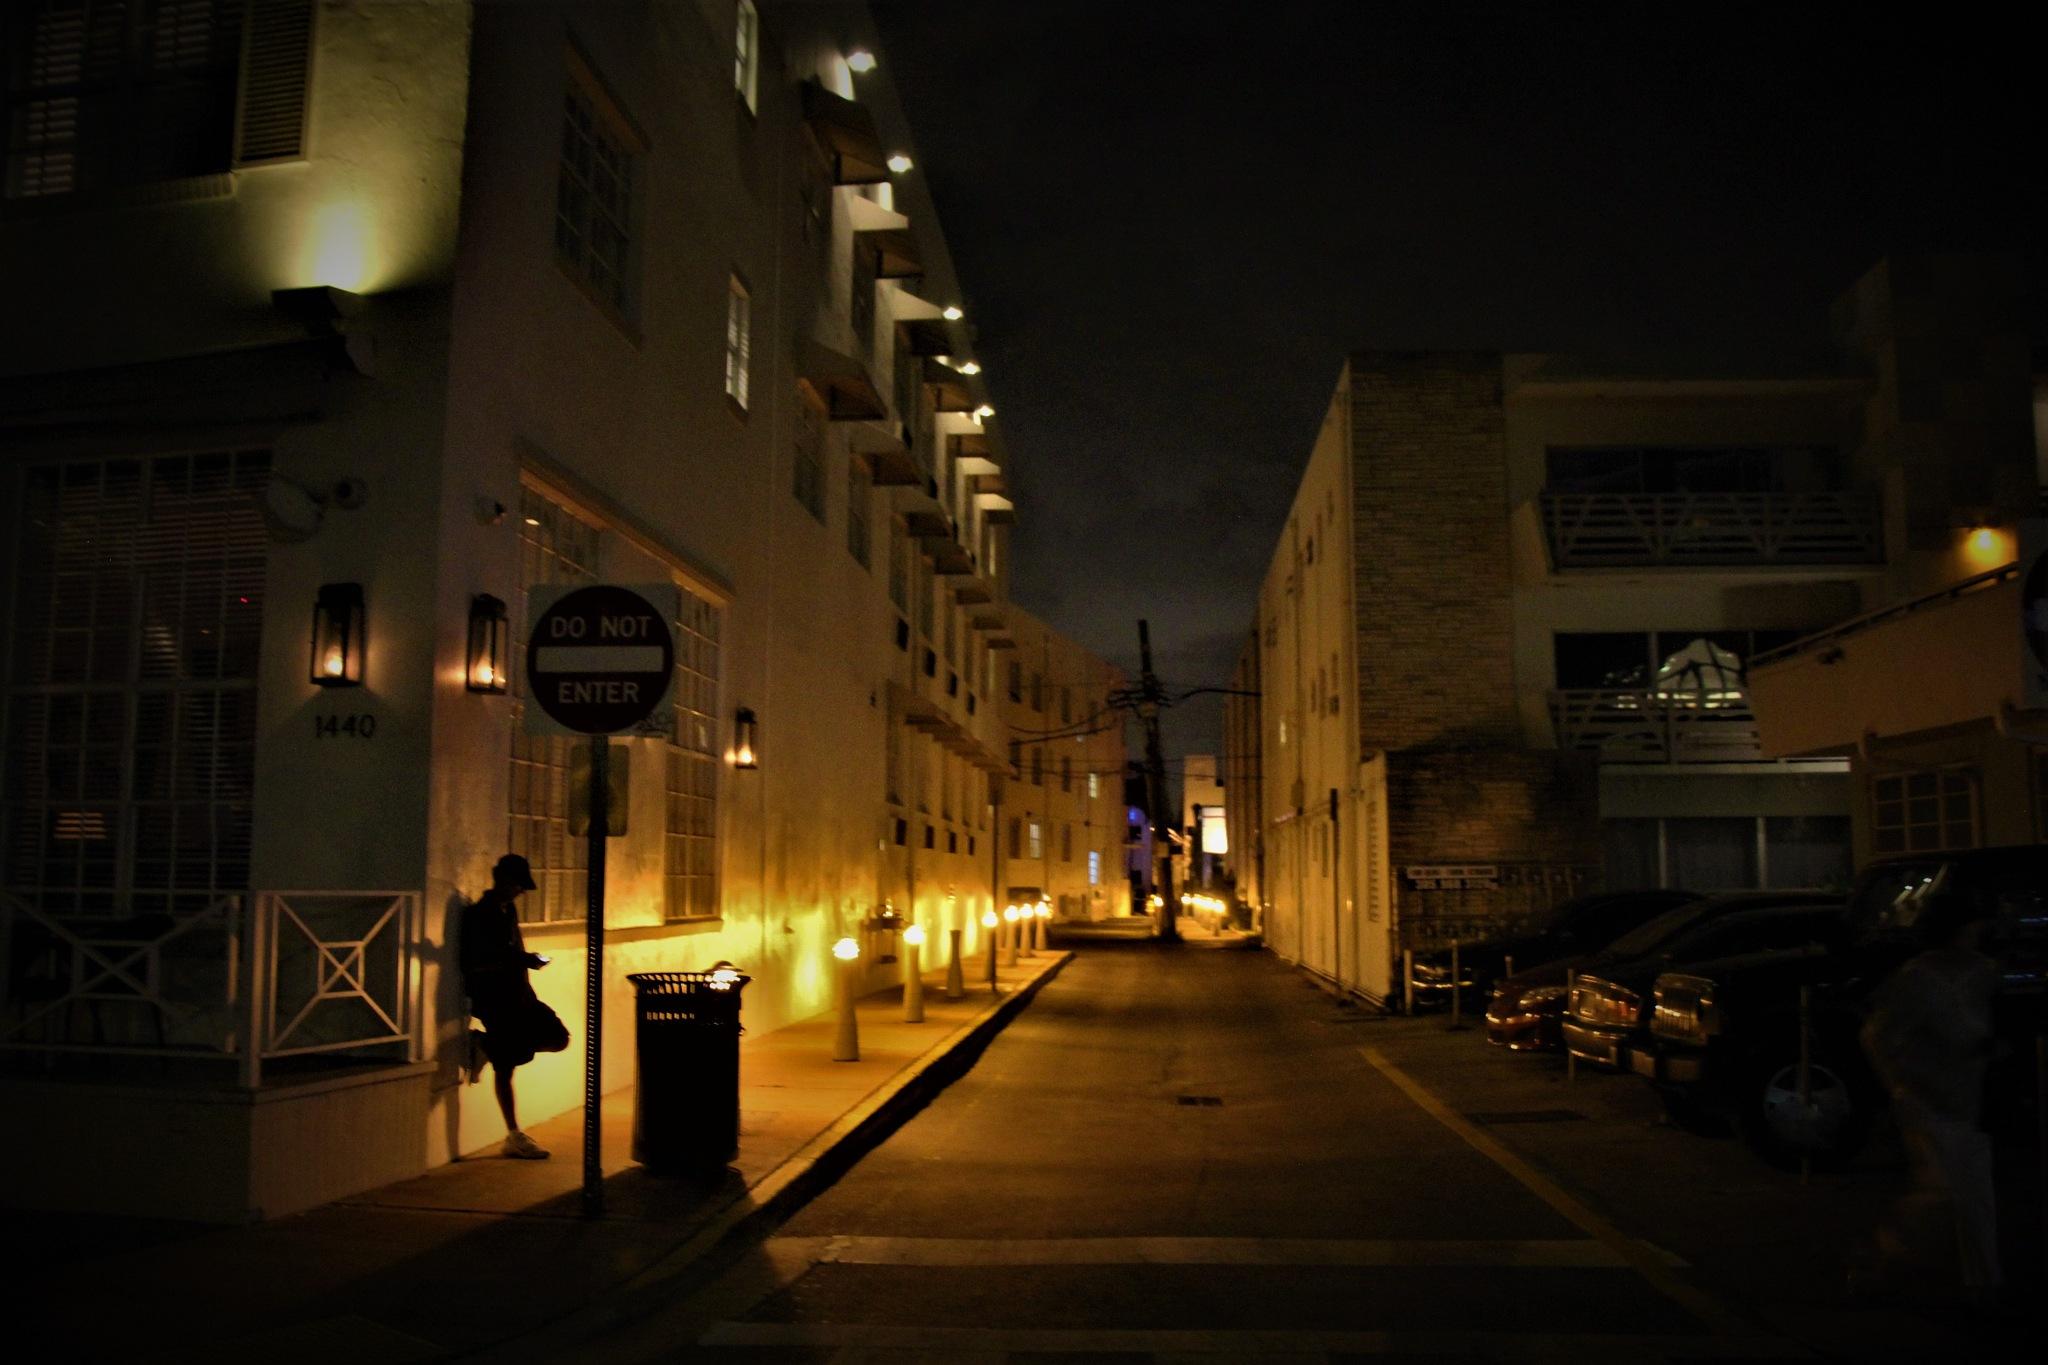 Night street by Adam Wyciszkiewicz